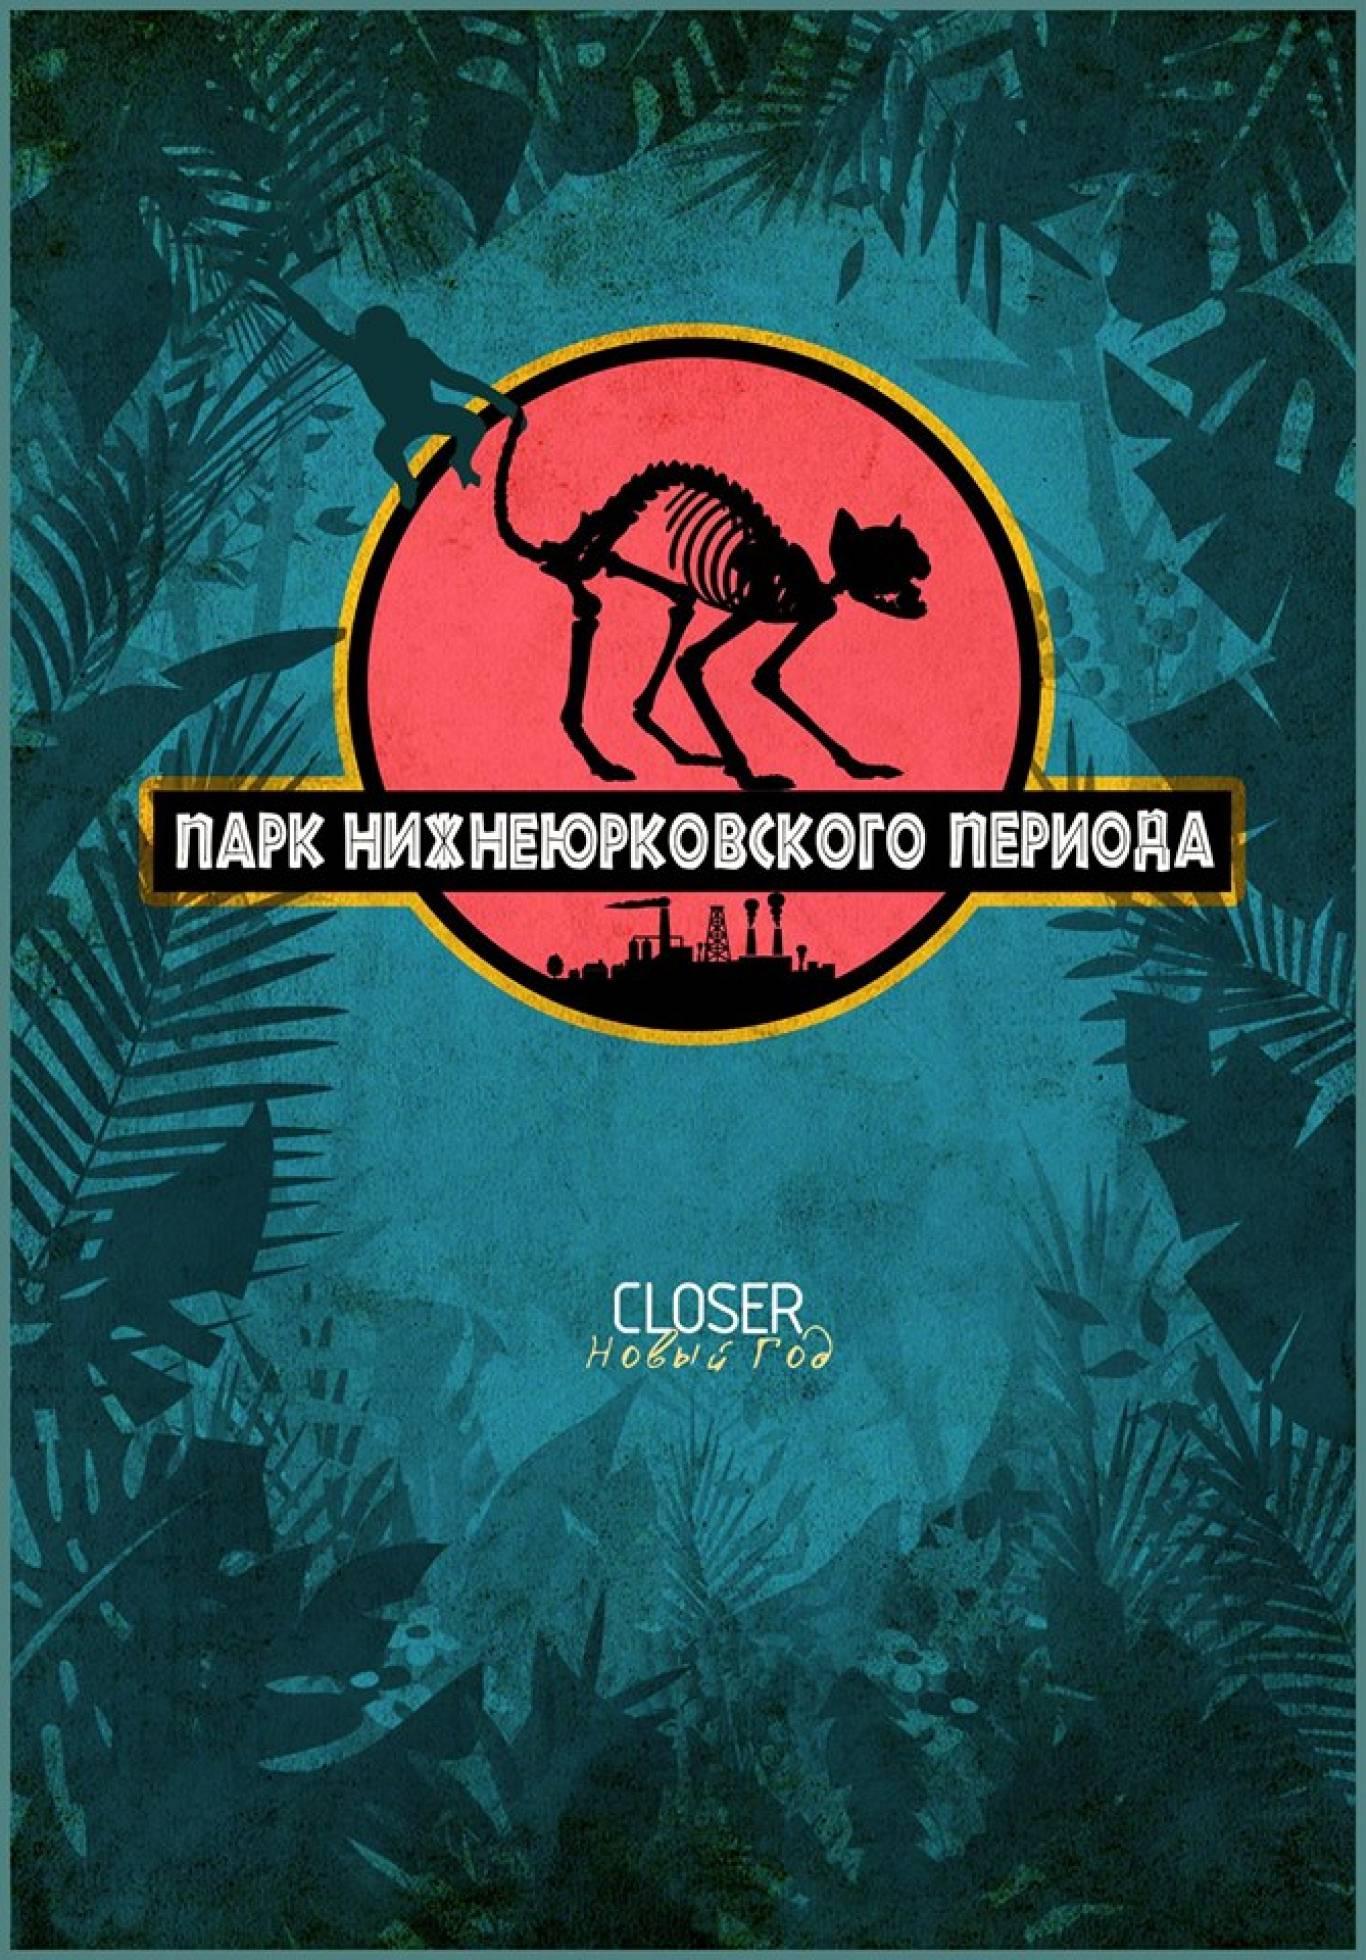 Парк Нижнеюрківського періоду в арт-центтре Closer